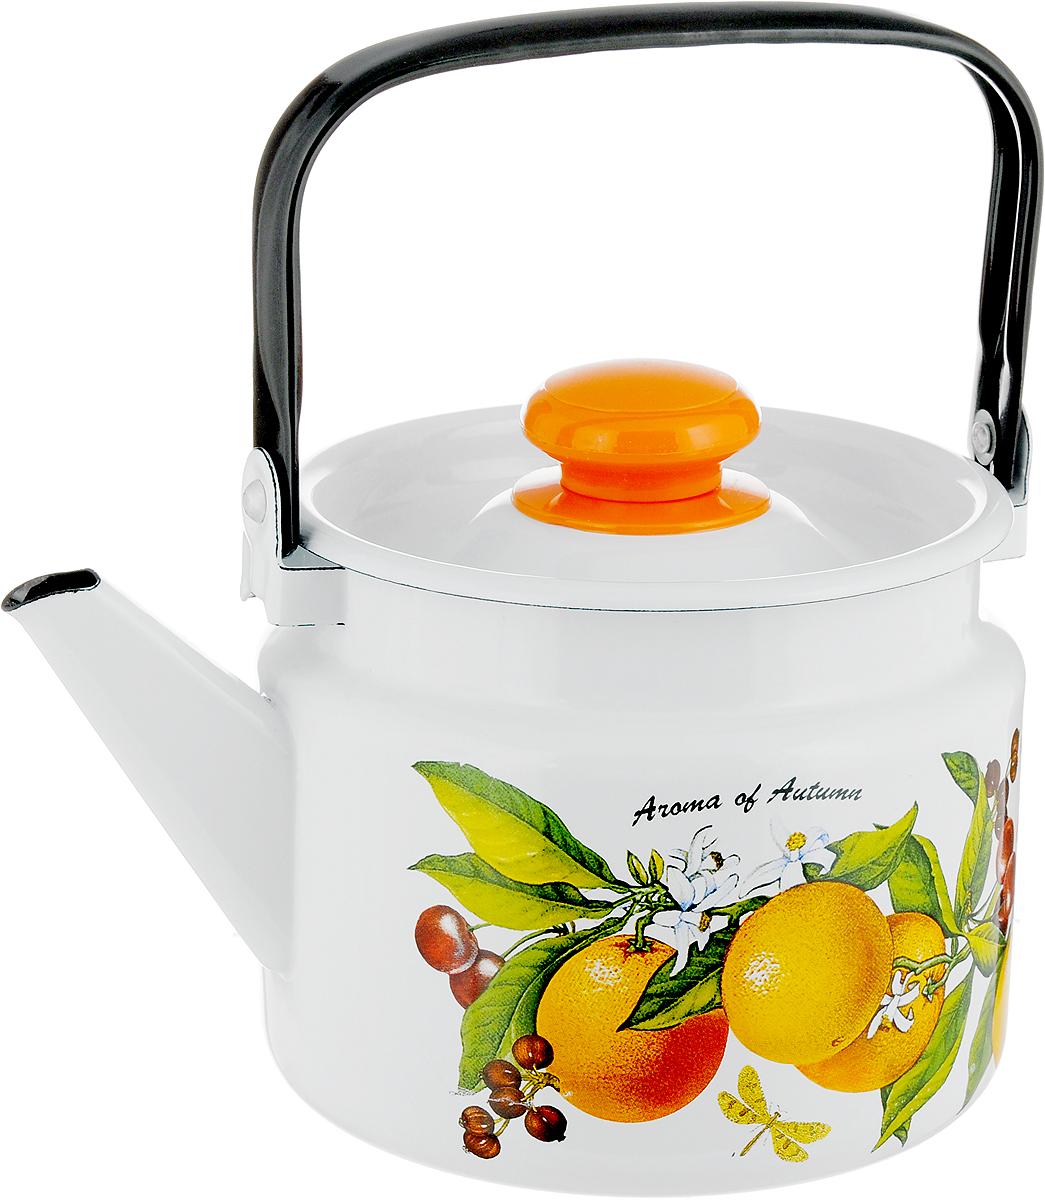 Чайник Лысьвенские эмали Апельсин, 2 лС-2710П2/4_белыйЧайник Лысьвенские эмали Апельсин выполнен из высококачественной стали с эмалированным покрытием. Такое покрытие защищает сталь от коррозии, придает посуде гладкую стекловидную поверхность и надежно защищает от кислот и щелочей. Чайник оснащен подвижной ручкой и крышкой, которая плотно прилегает к краю. Внешние стенки декорированы красочным изображением апельсинов. Эстетичный и функциональный, такой чайник будет оригинально смотреться в любом интерьере. Подходит для газовых, электрических, стеклокерамических и индукционных плит. Можно мыть в посудомоечной машине. Диаметр (по верхнему краю): 15 см.Высота чайника (без учета ручки и крышки): 13 см.